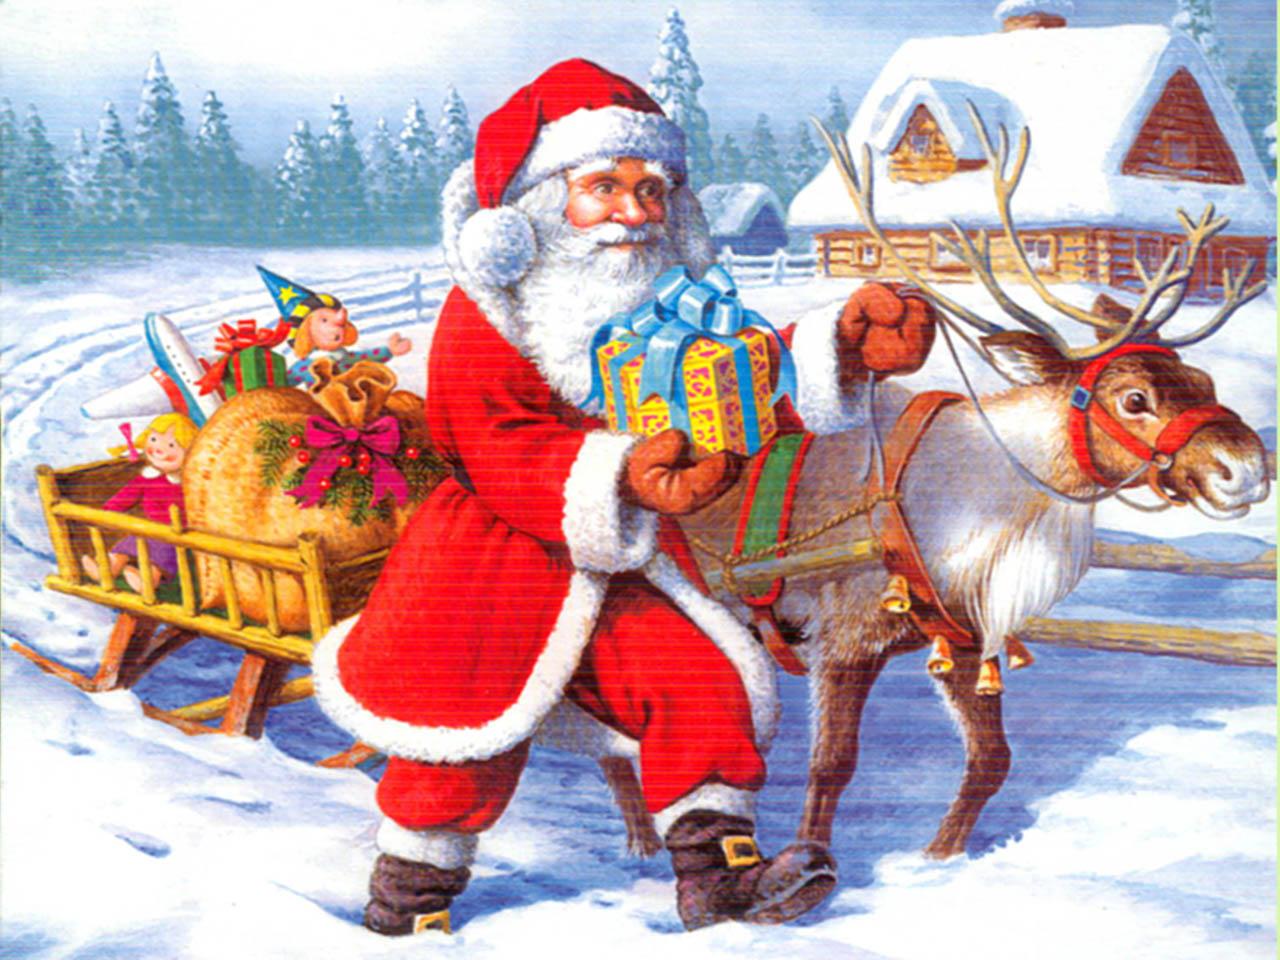 http://2.bp.blogspot.com/-ko7aRQRh9uo/UNHmlbegX2I/AAAAAAAAAzY/wLDMmCwb70w/s1600/Santa+claus+wallpaper+1.jpg